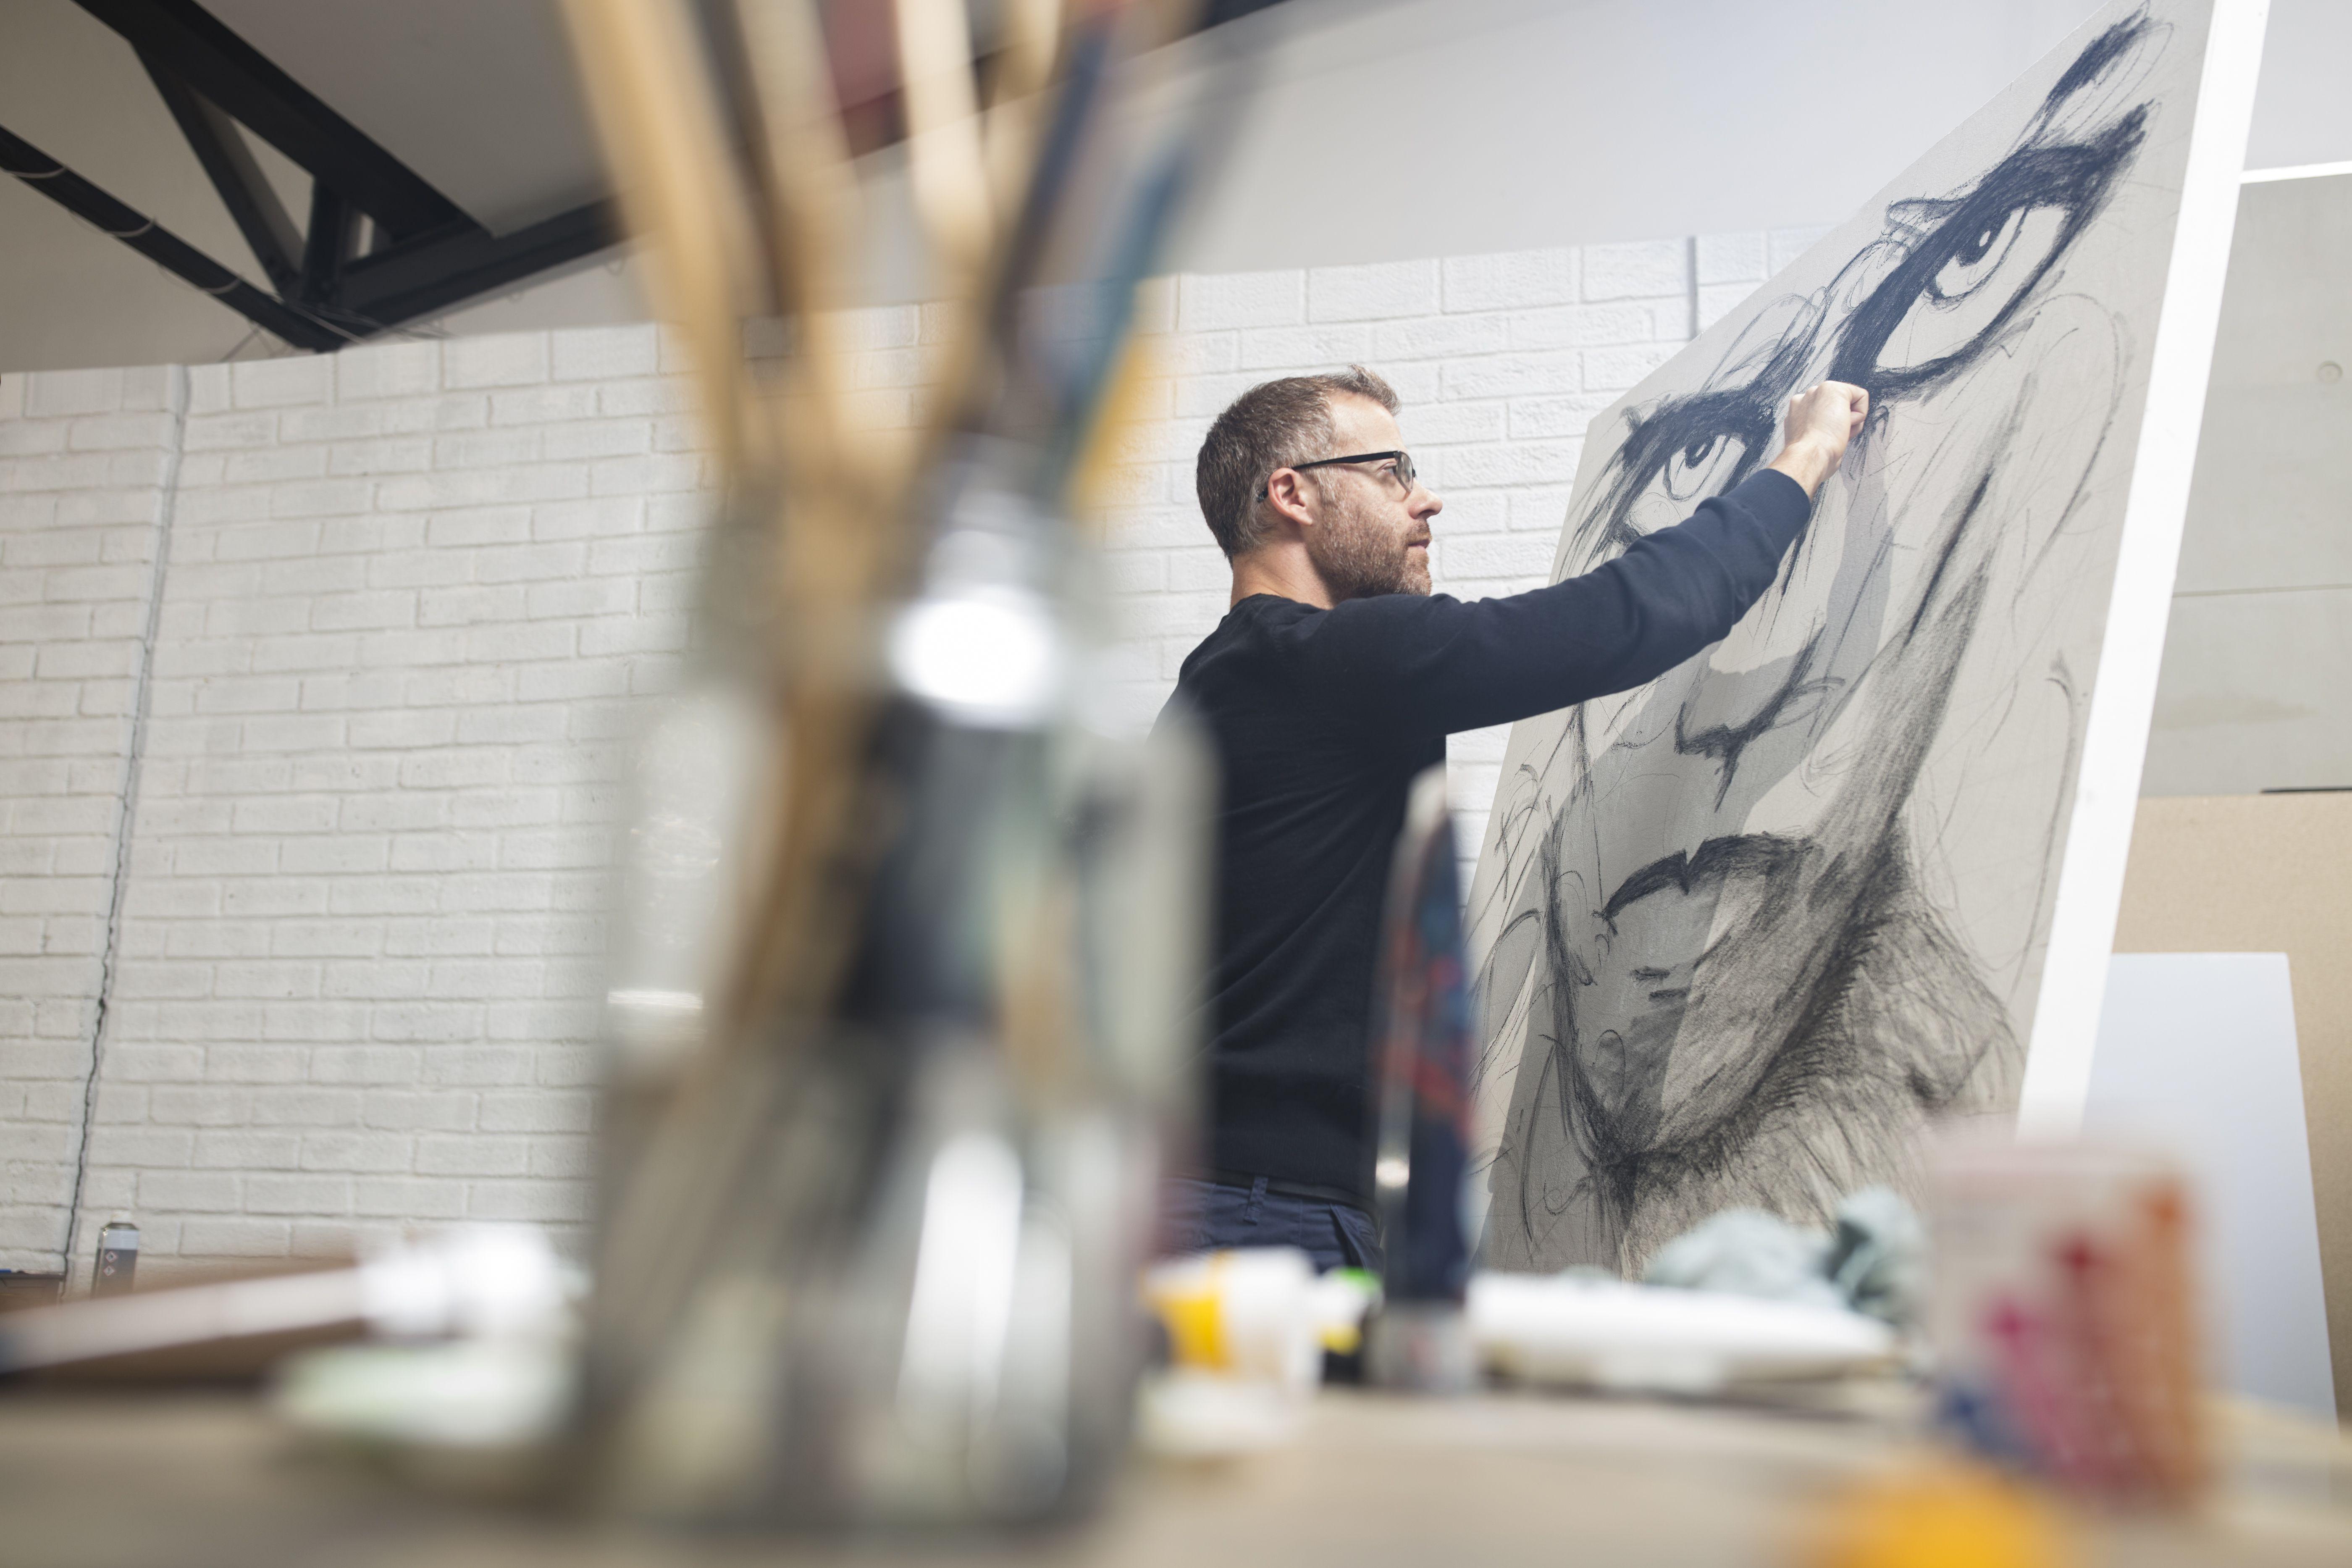 Man checking drawing in studio